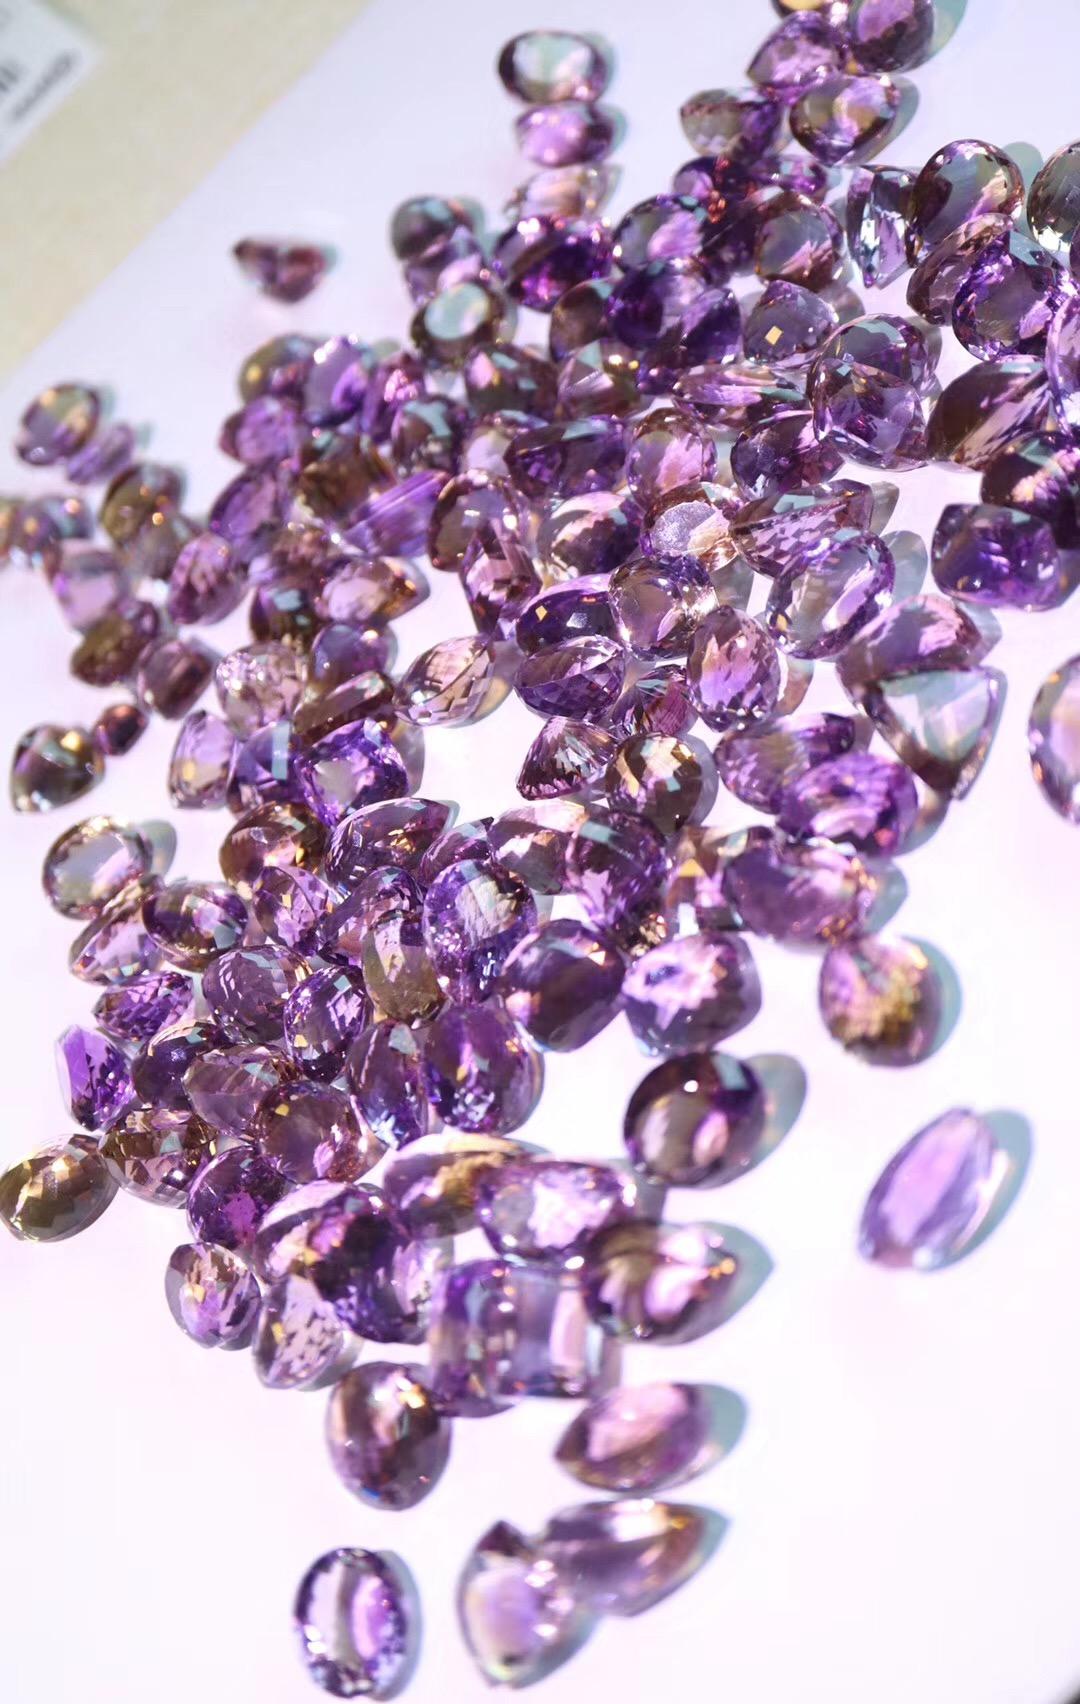 【菩心-紫黄晶】奉上一波紫黄晶裸钻,有想法的宝宝先选哦-菩心晶舍